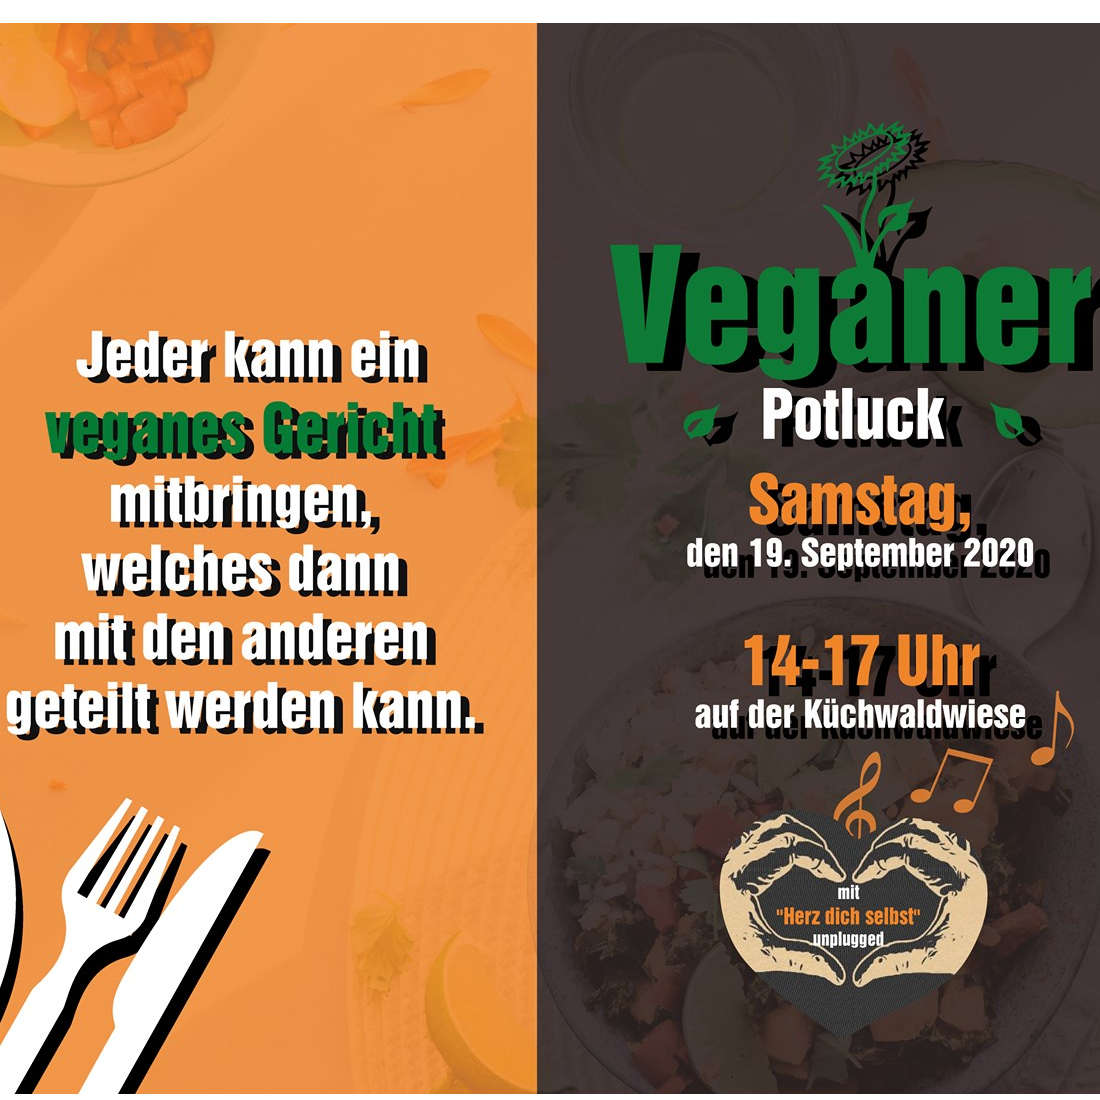 """Veganer Potluck mit """"Herz dich selbst"""" unplugged"""